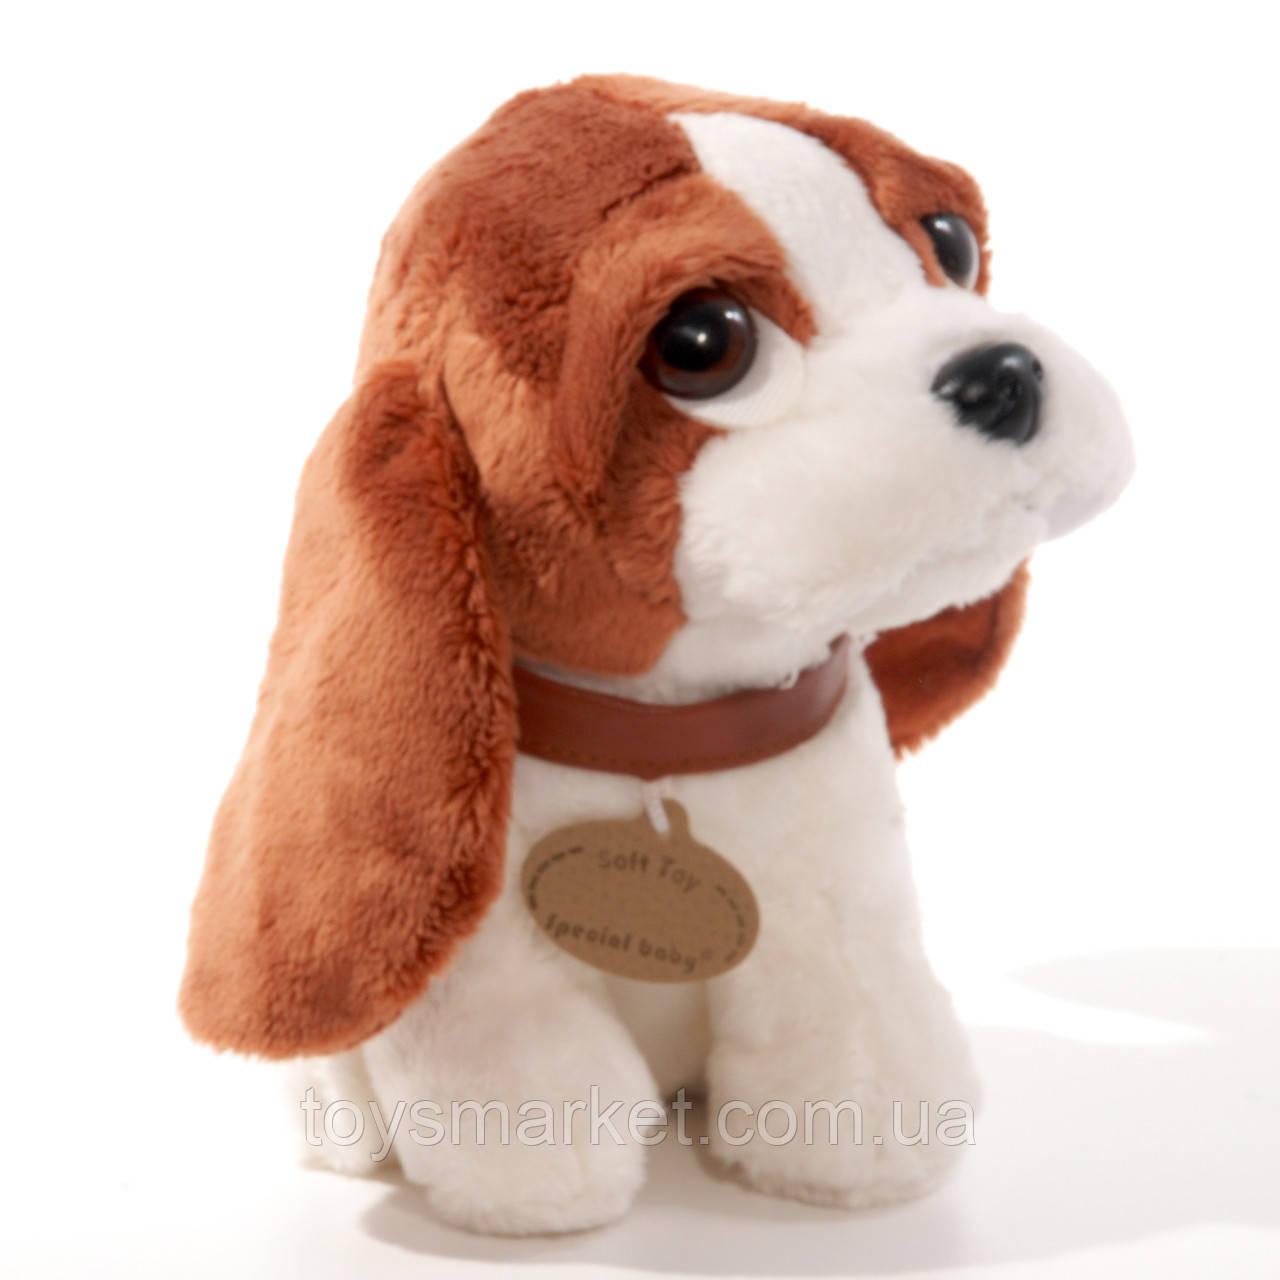 Детская мягкая игрушка собака мини